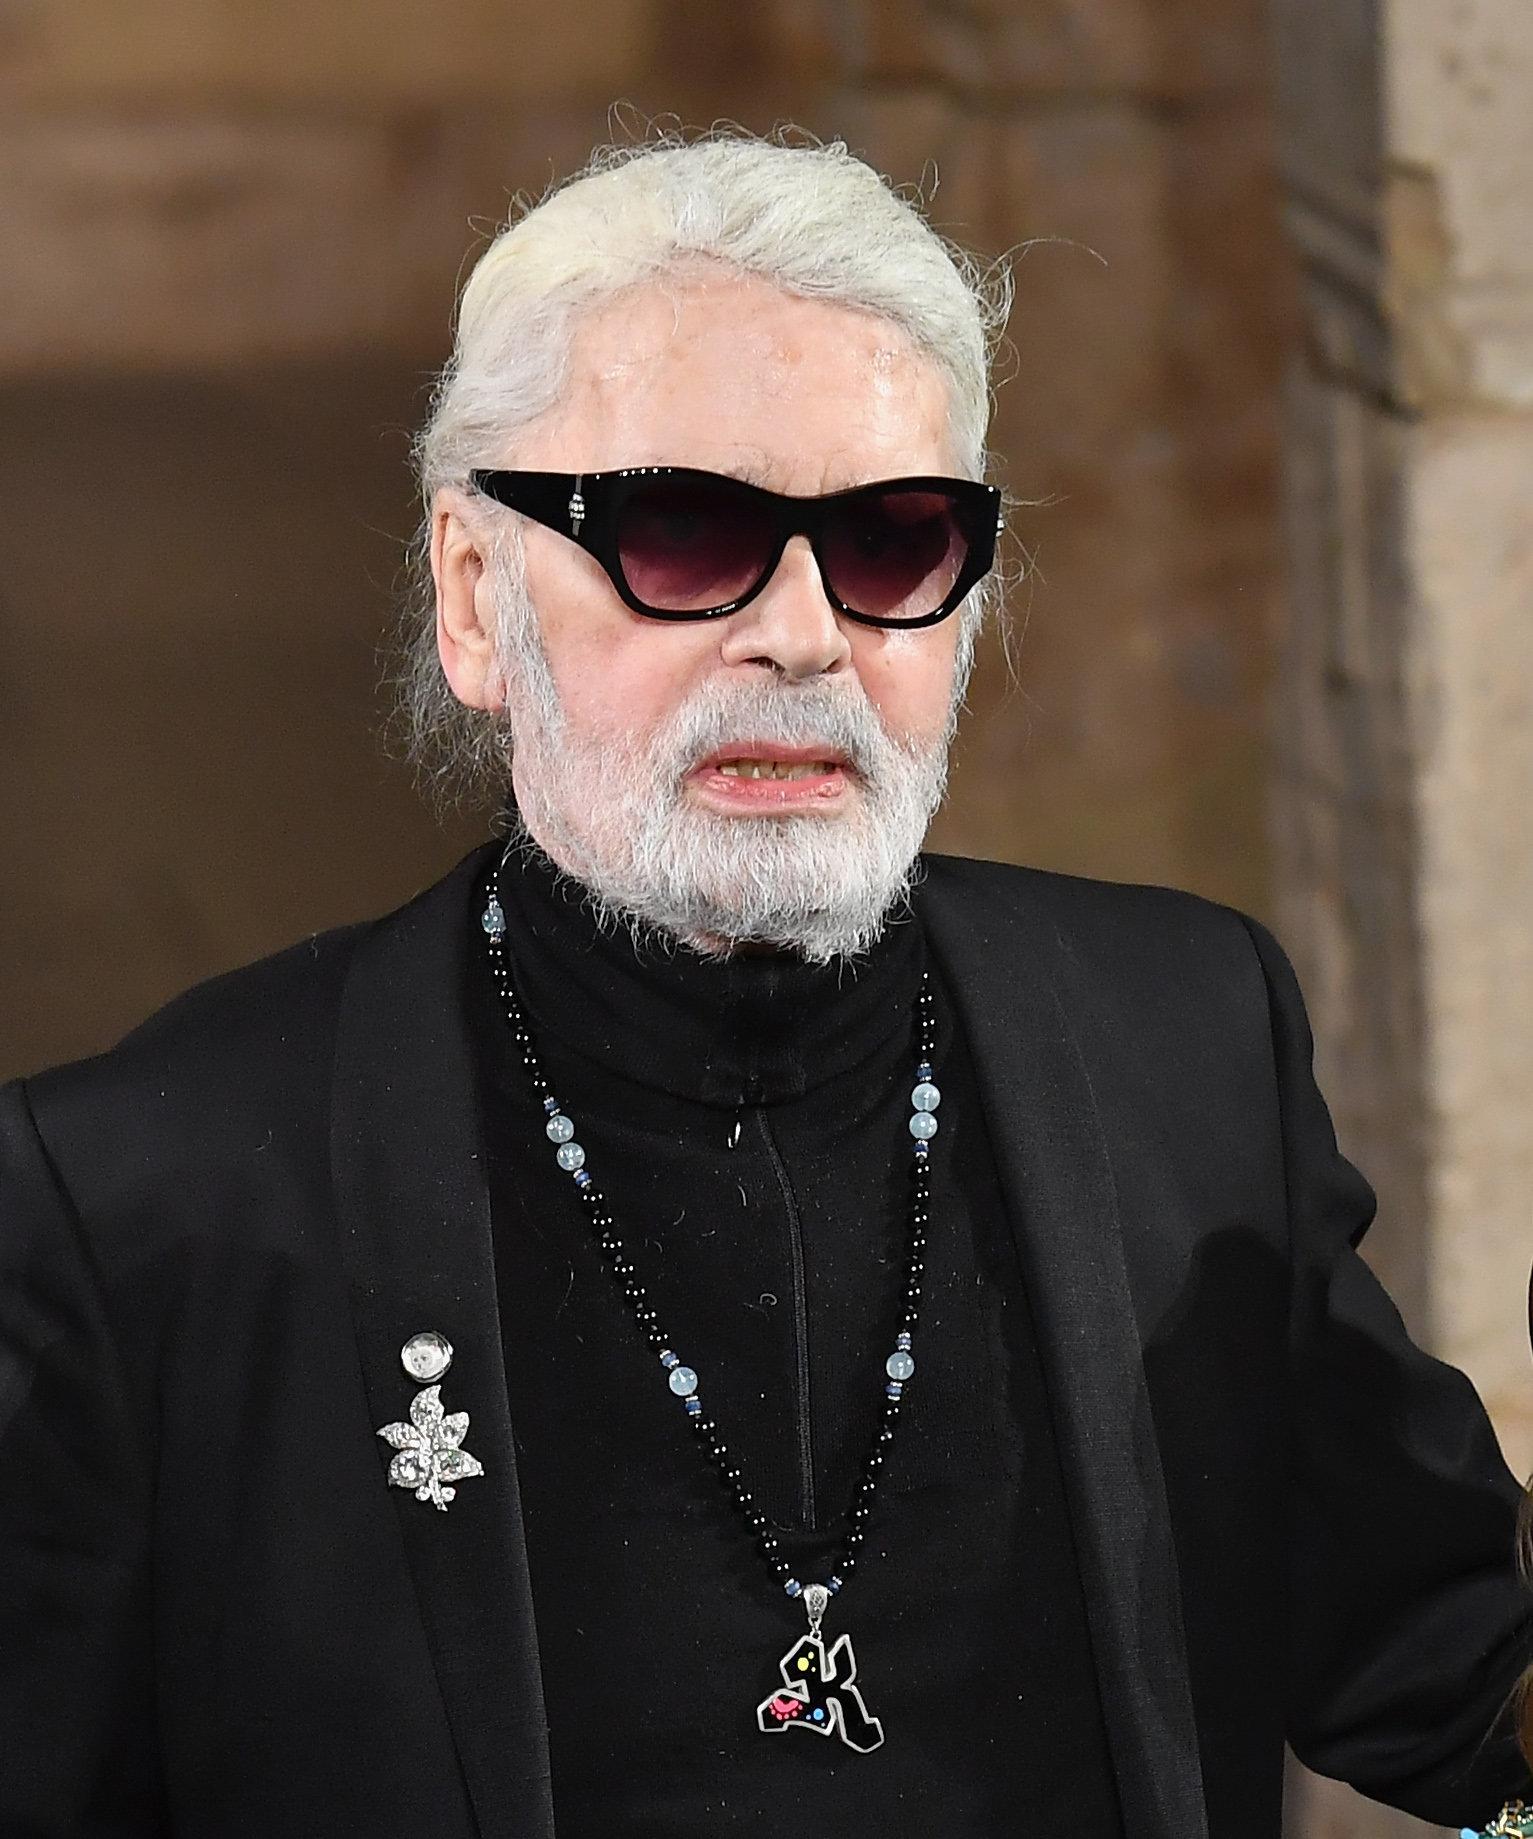 Karl Lagerfeld est mort à l'âge de 85